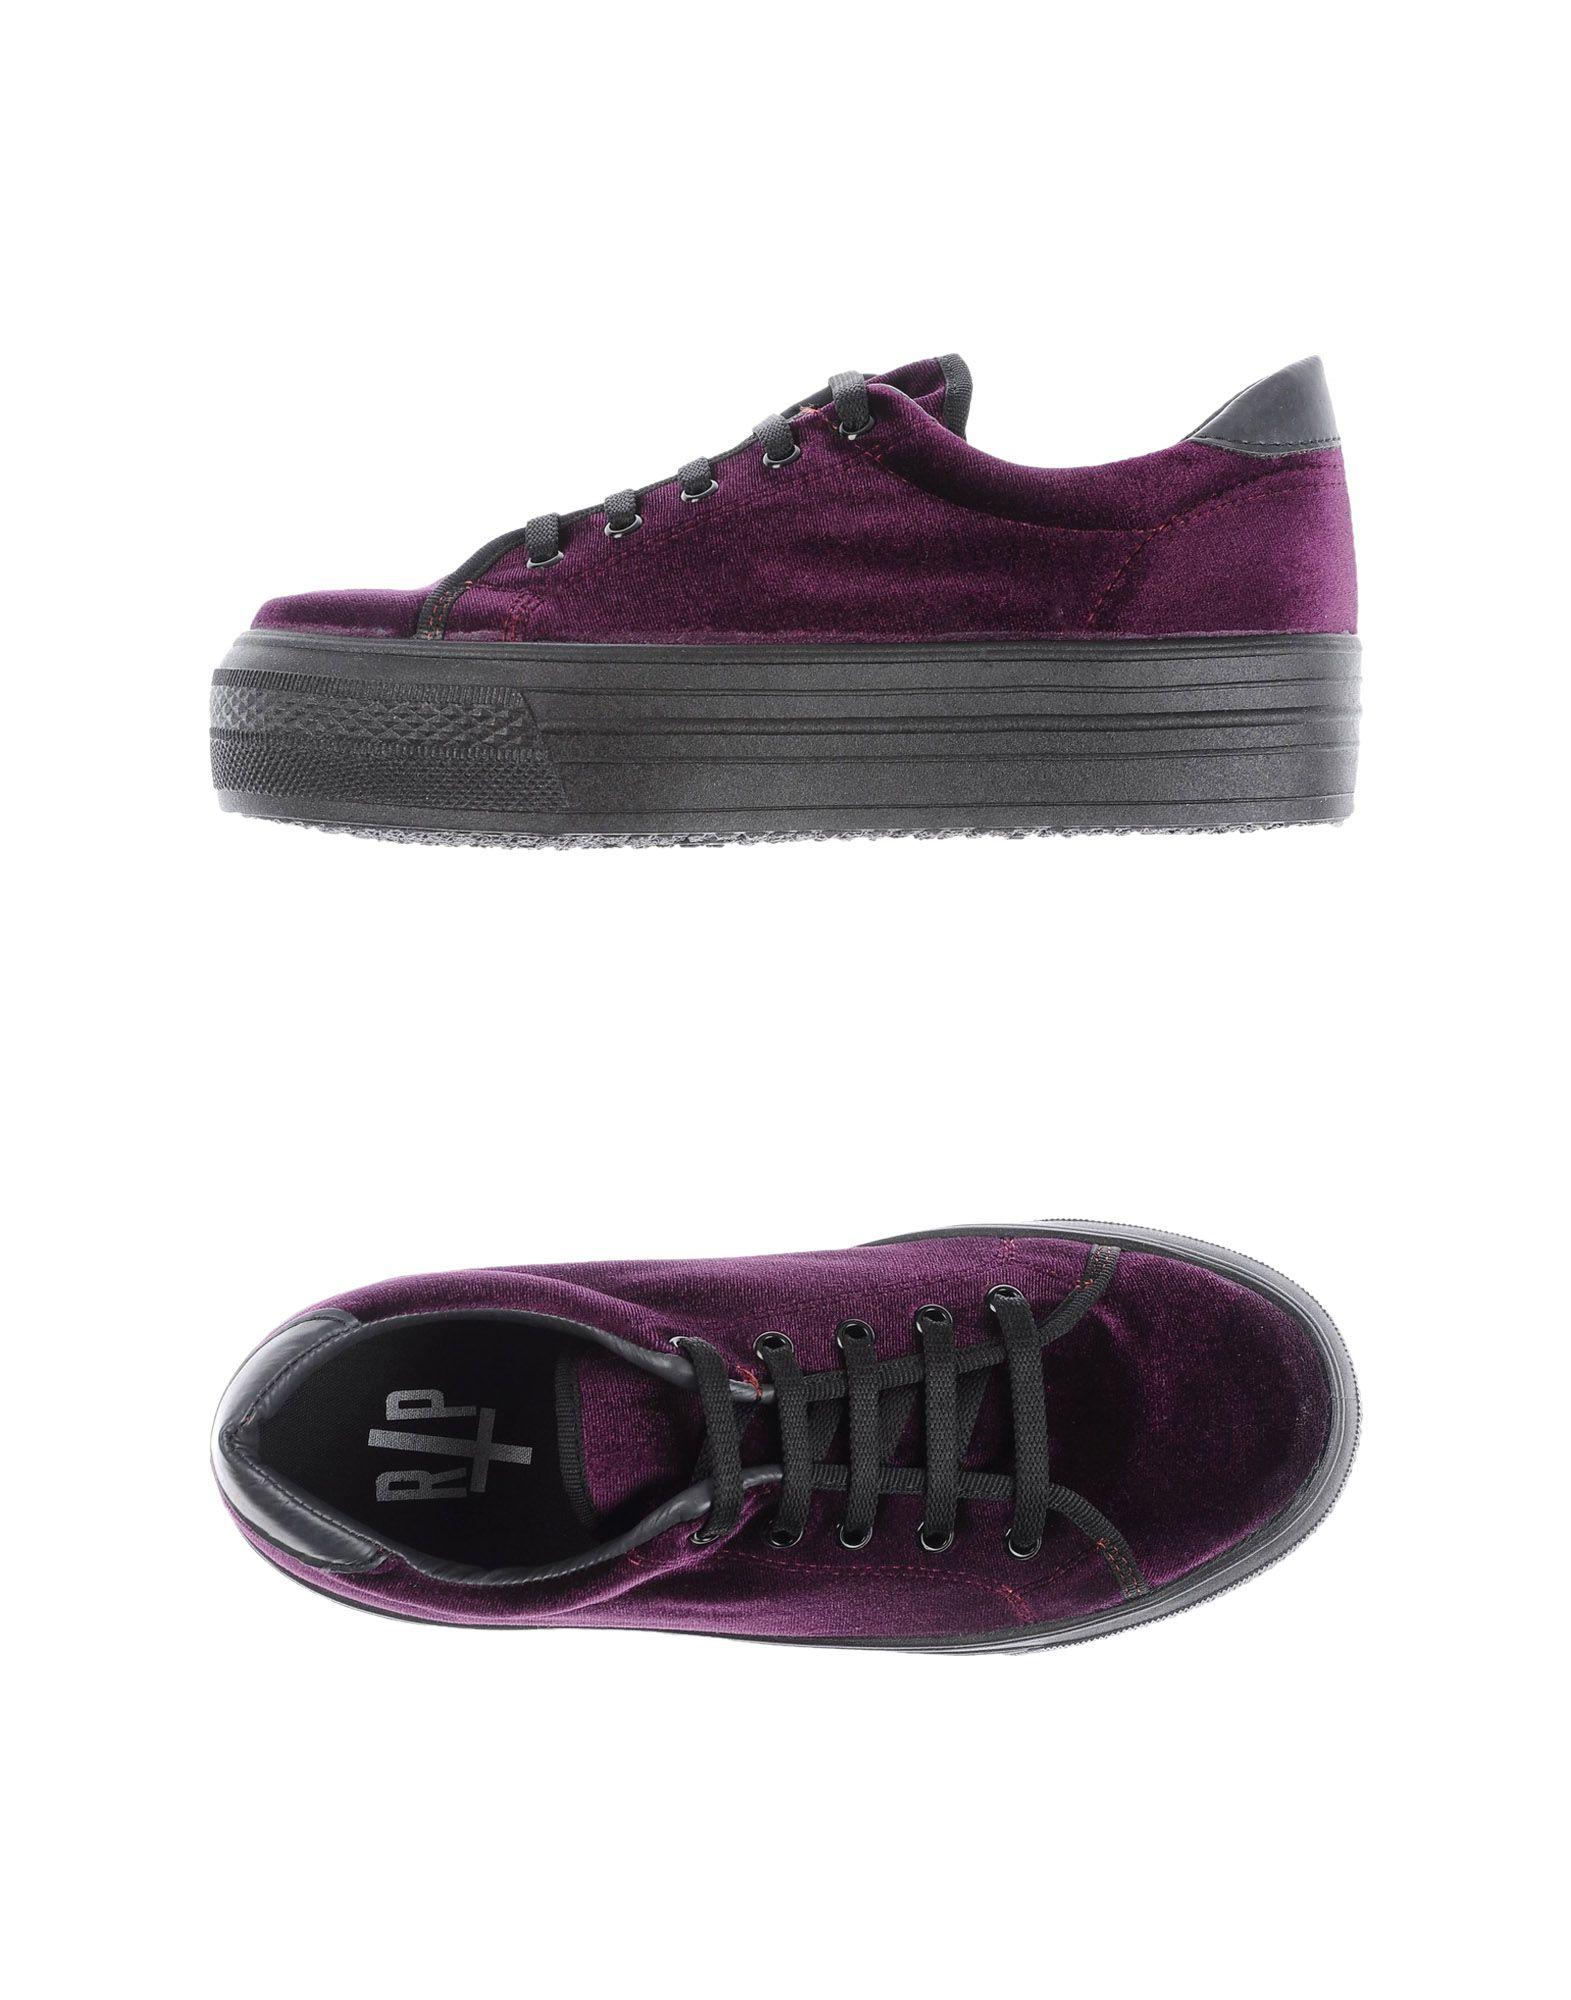 Ripness 44823756NQ Sneakers Damen  44823756NQ Ripness Gute Qualität beliebte Schuhe a1385a